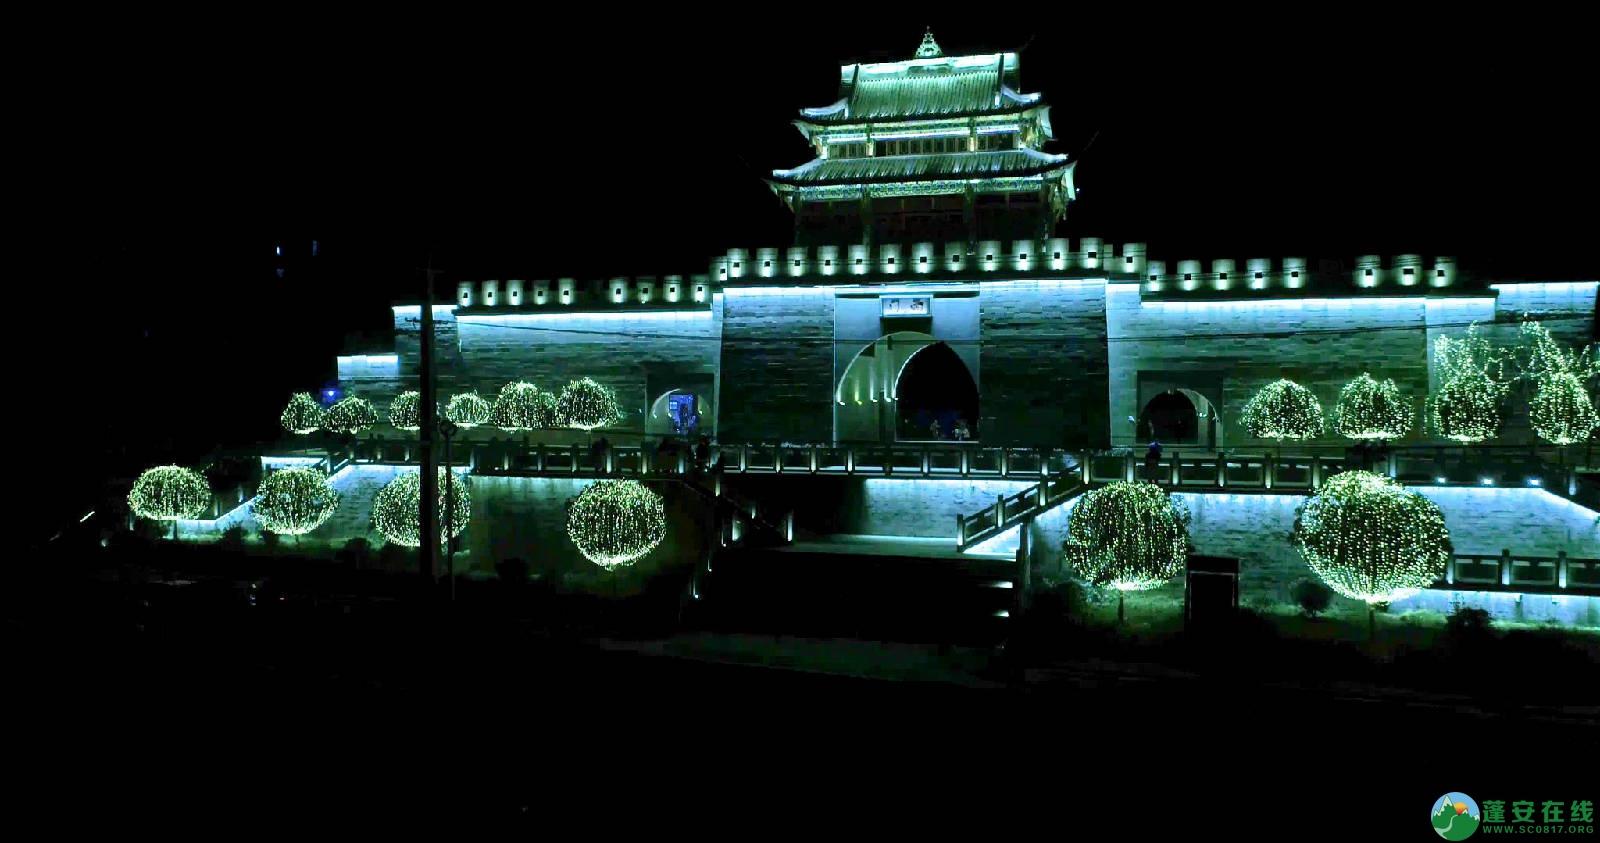 临近春节的蓬安夜色 - 第2张  | 蓬安在线